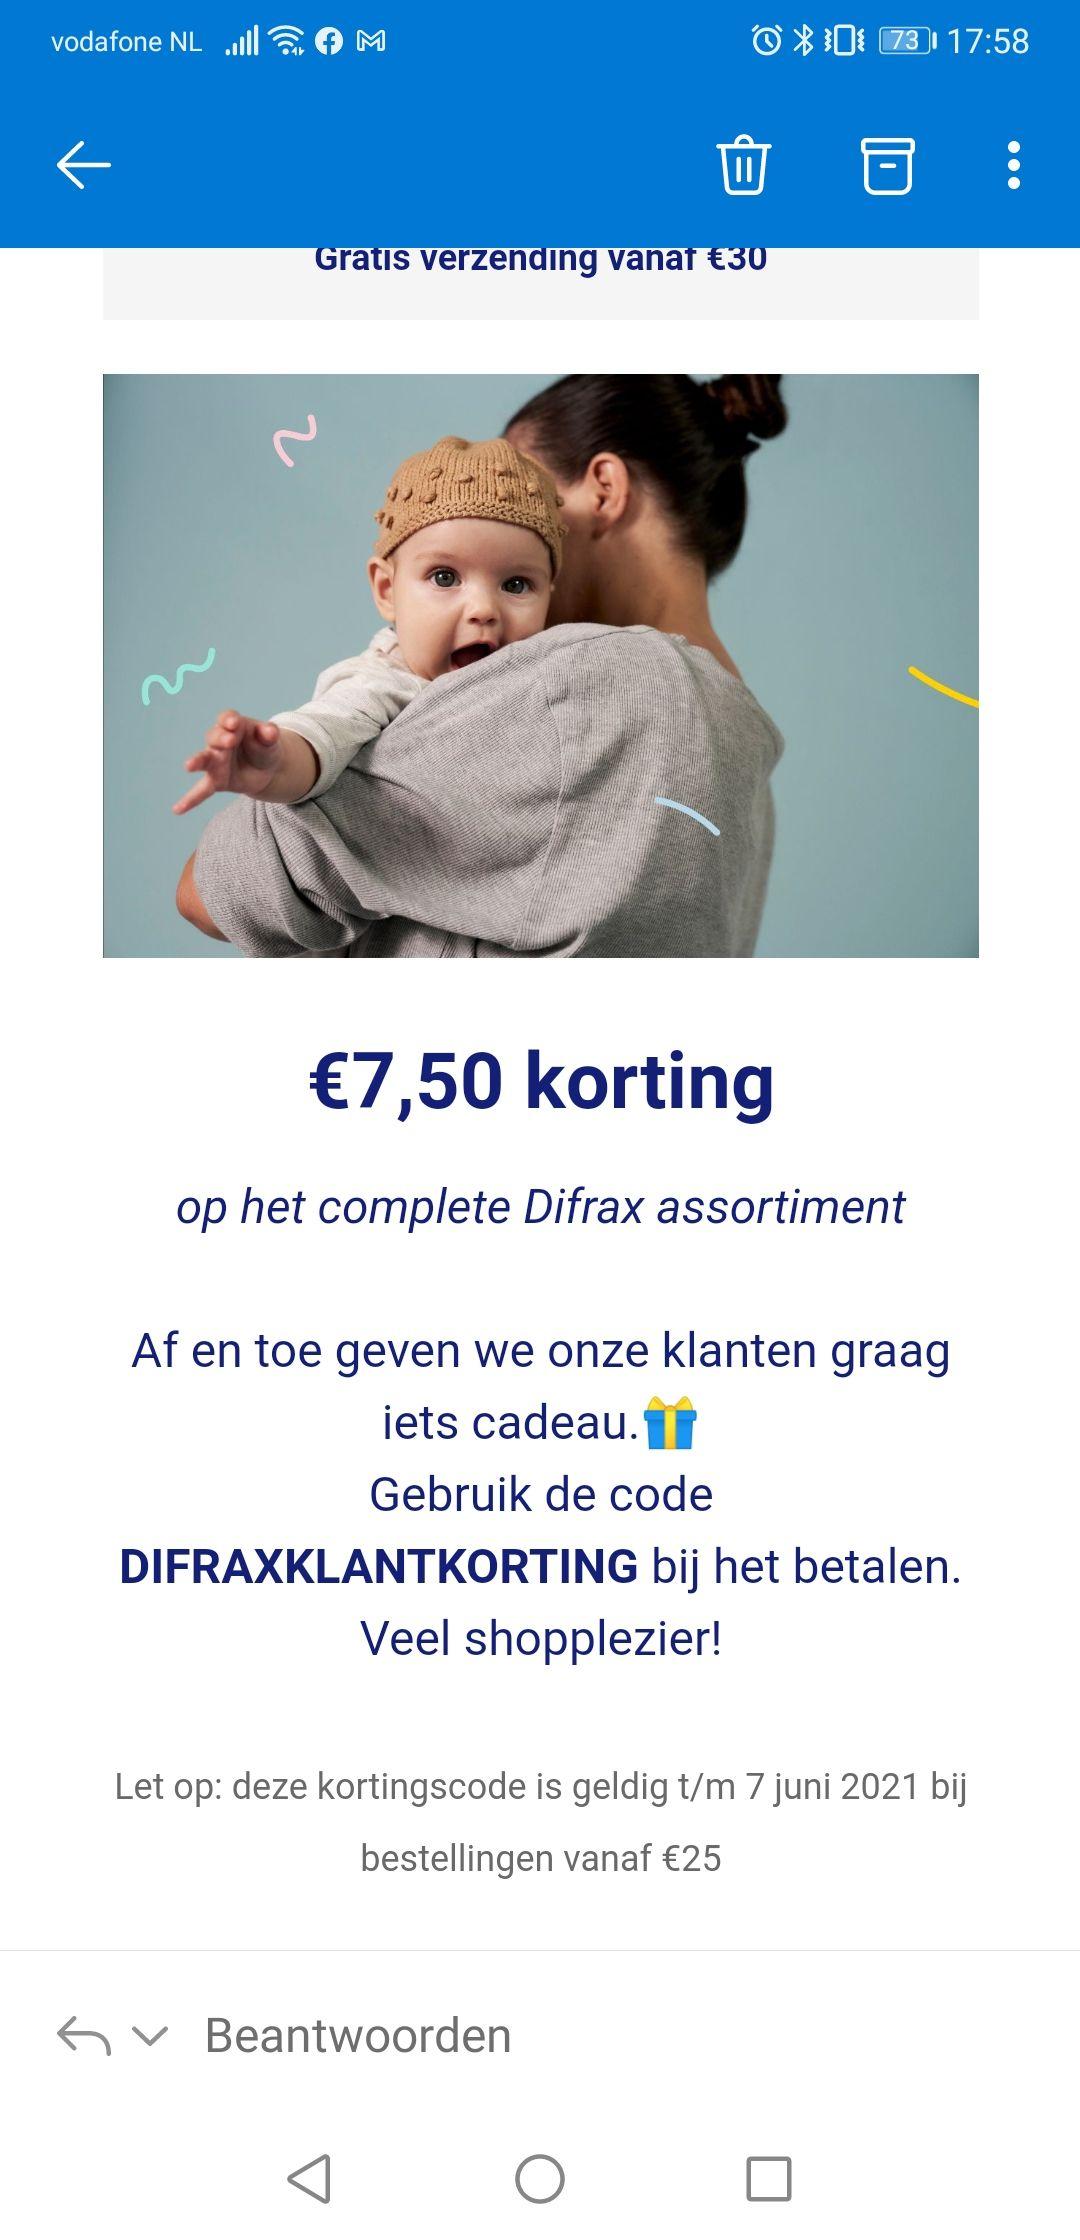 Difrax €7,50 bij besteding vanaf €25